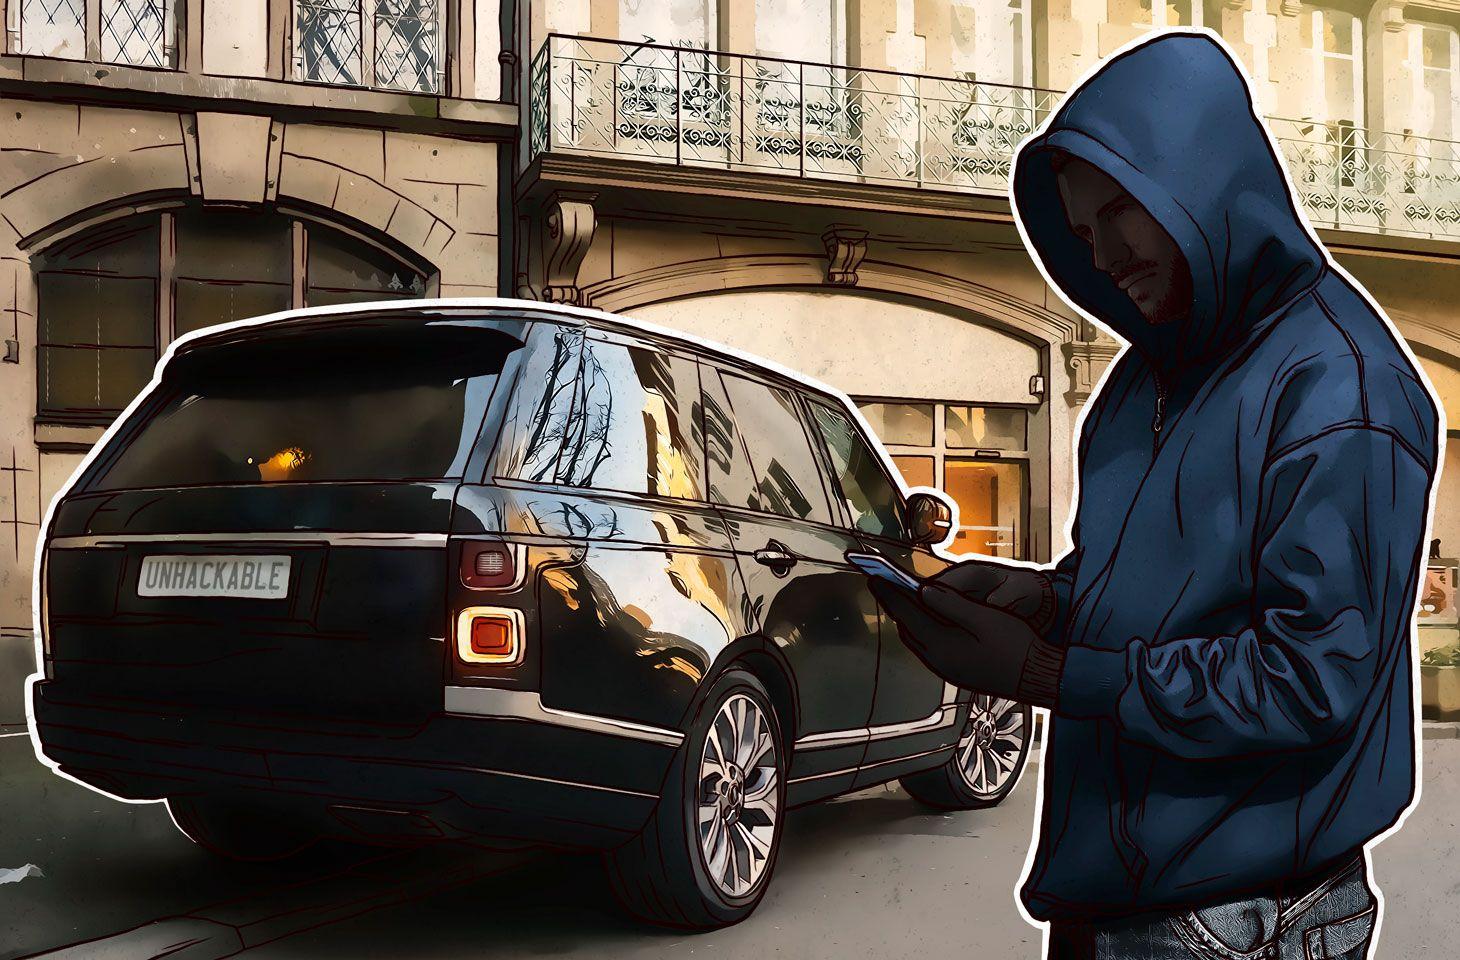 Levyeyle girmek daha kolay: Arabalara yönelik IoT aksesuarlarını hacklemek